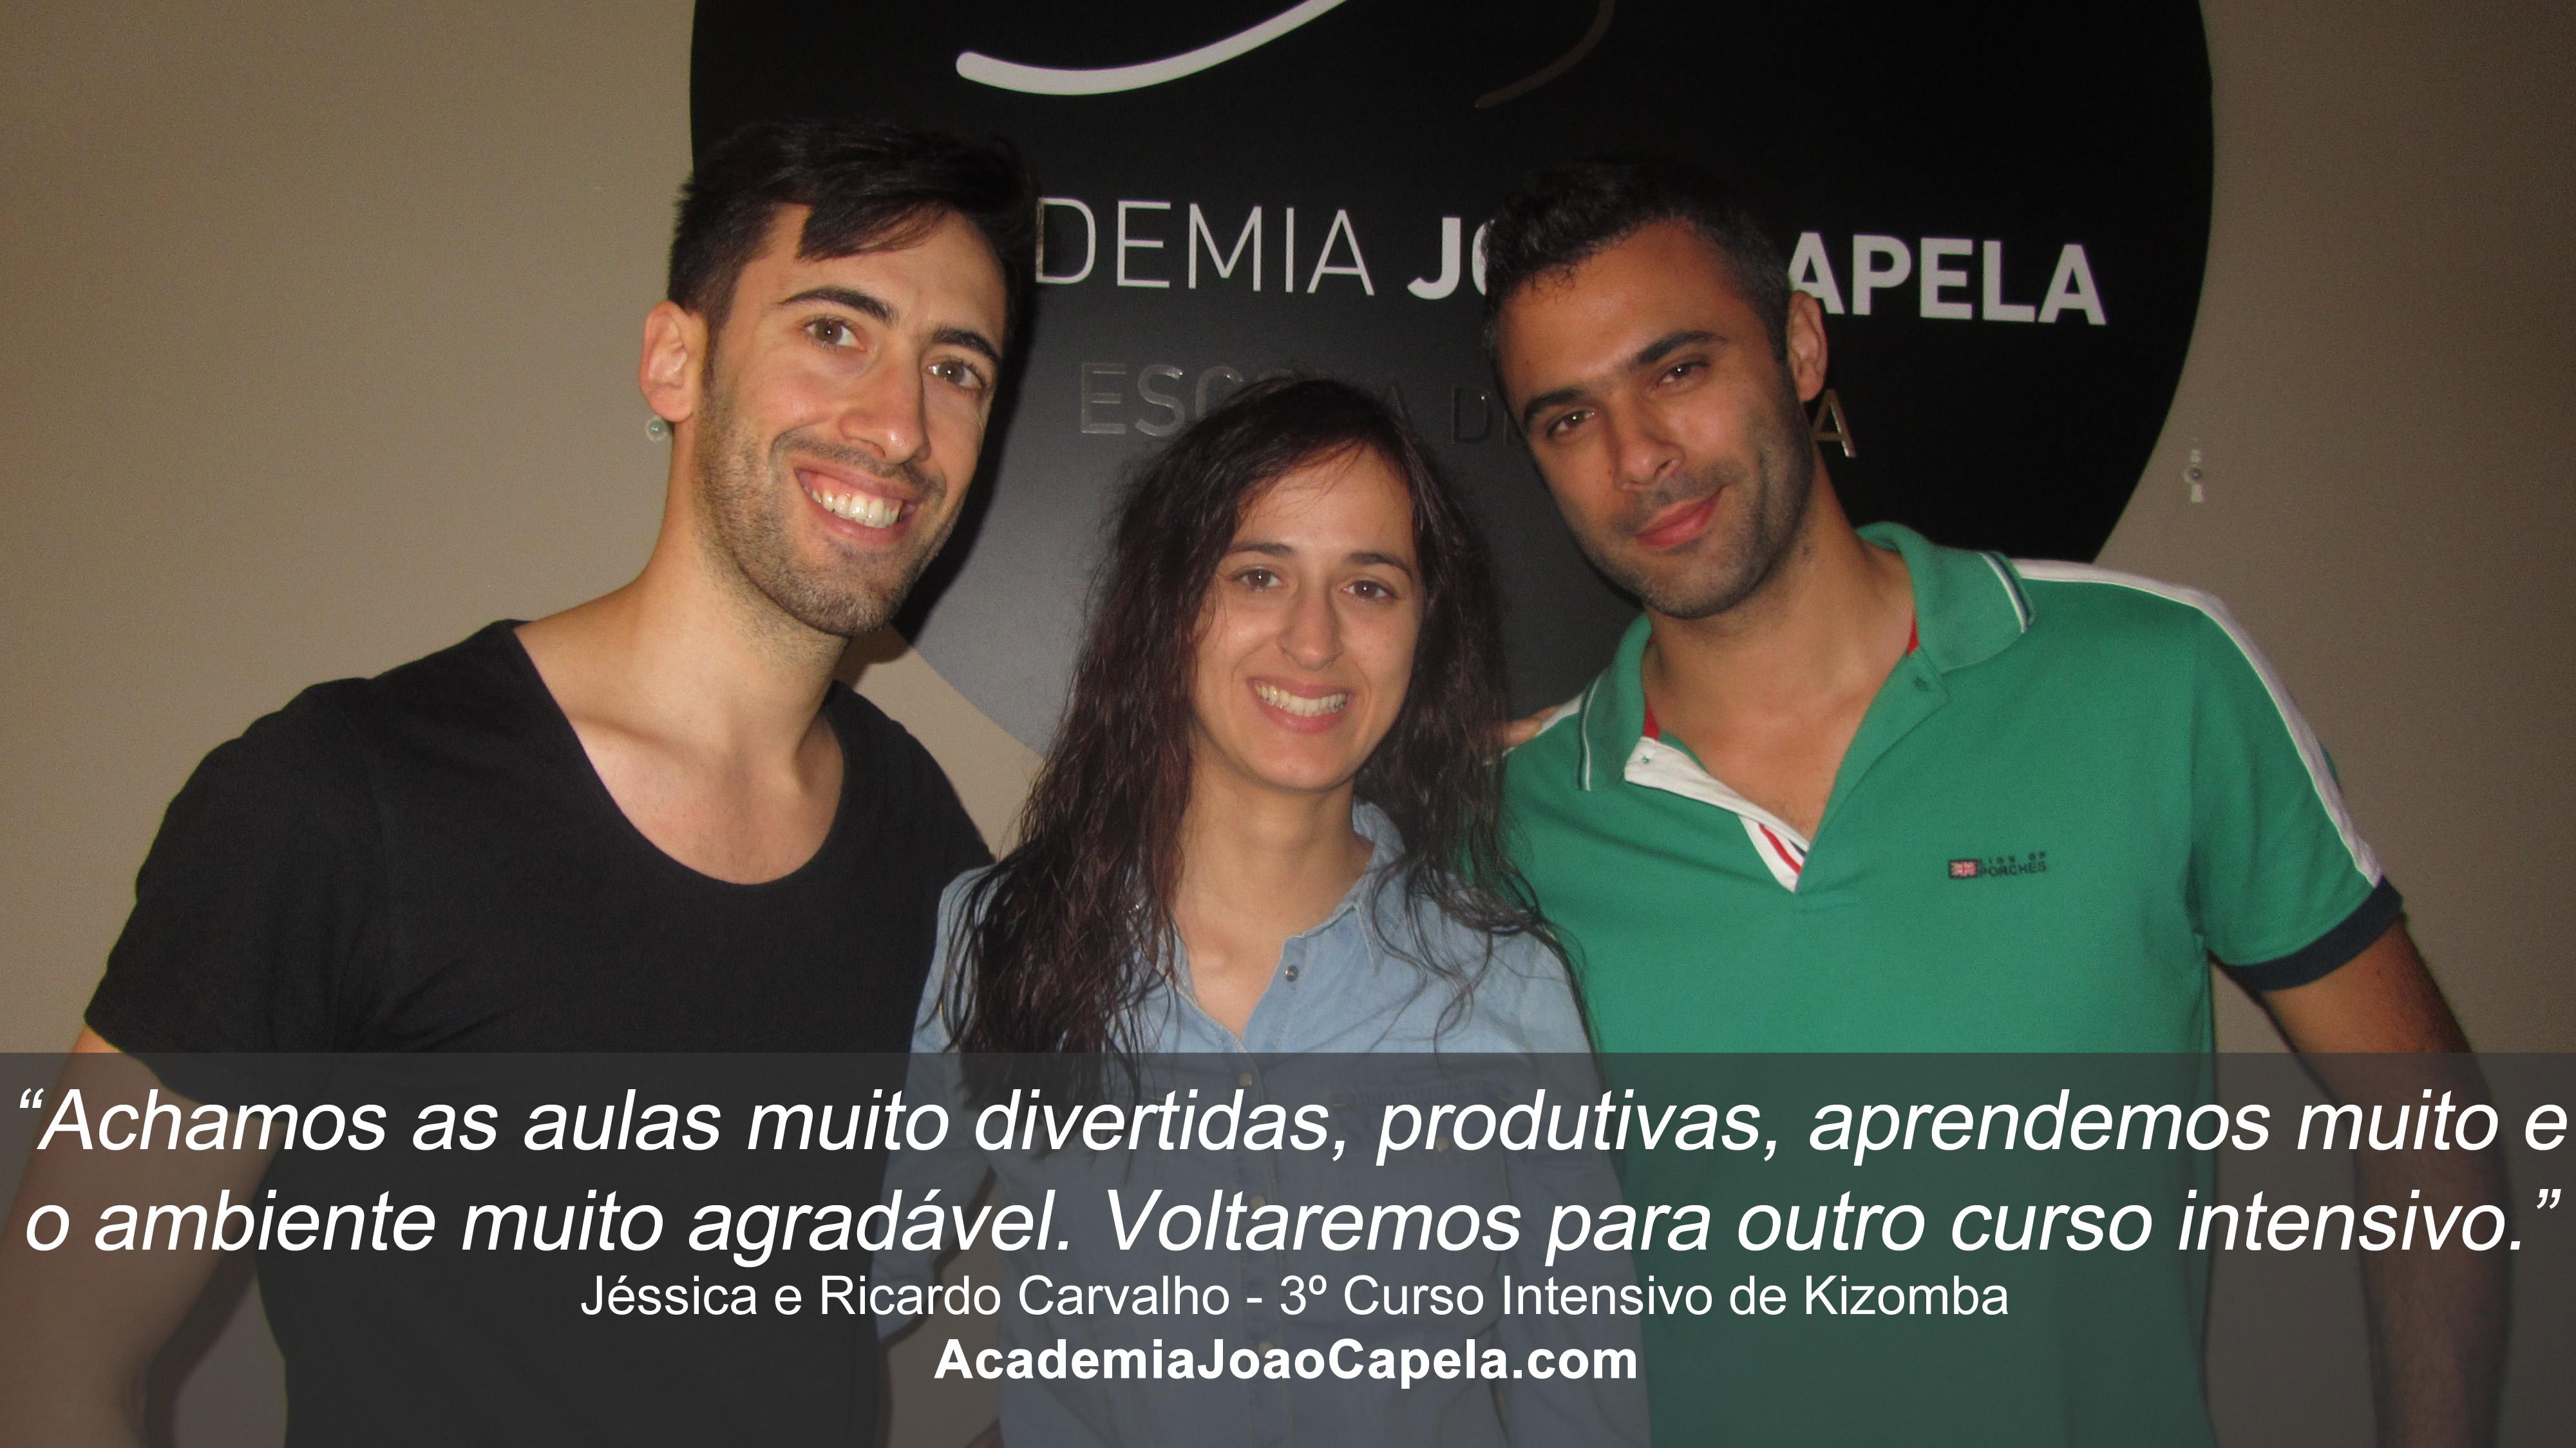 Testemunho Jessica e Ricardo Carvalho 3º Curso Intensivo de Kizomba em Barcelos